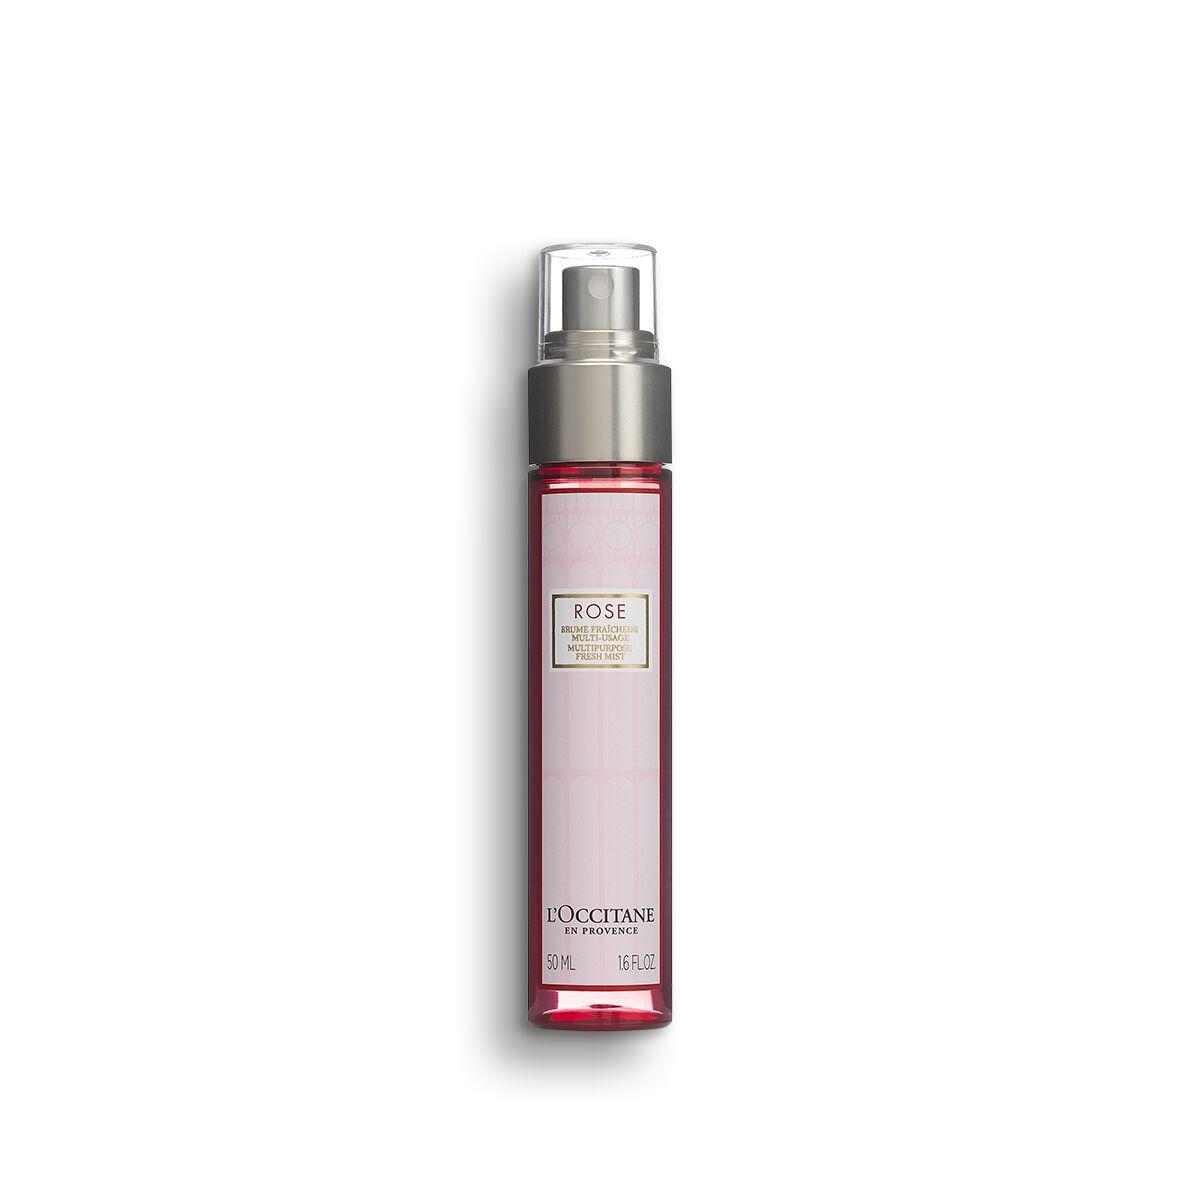 Rose Multipurpose Fresh Mist 1.7 fl. oz.